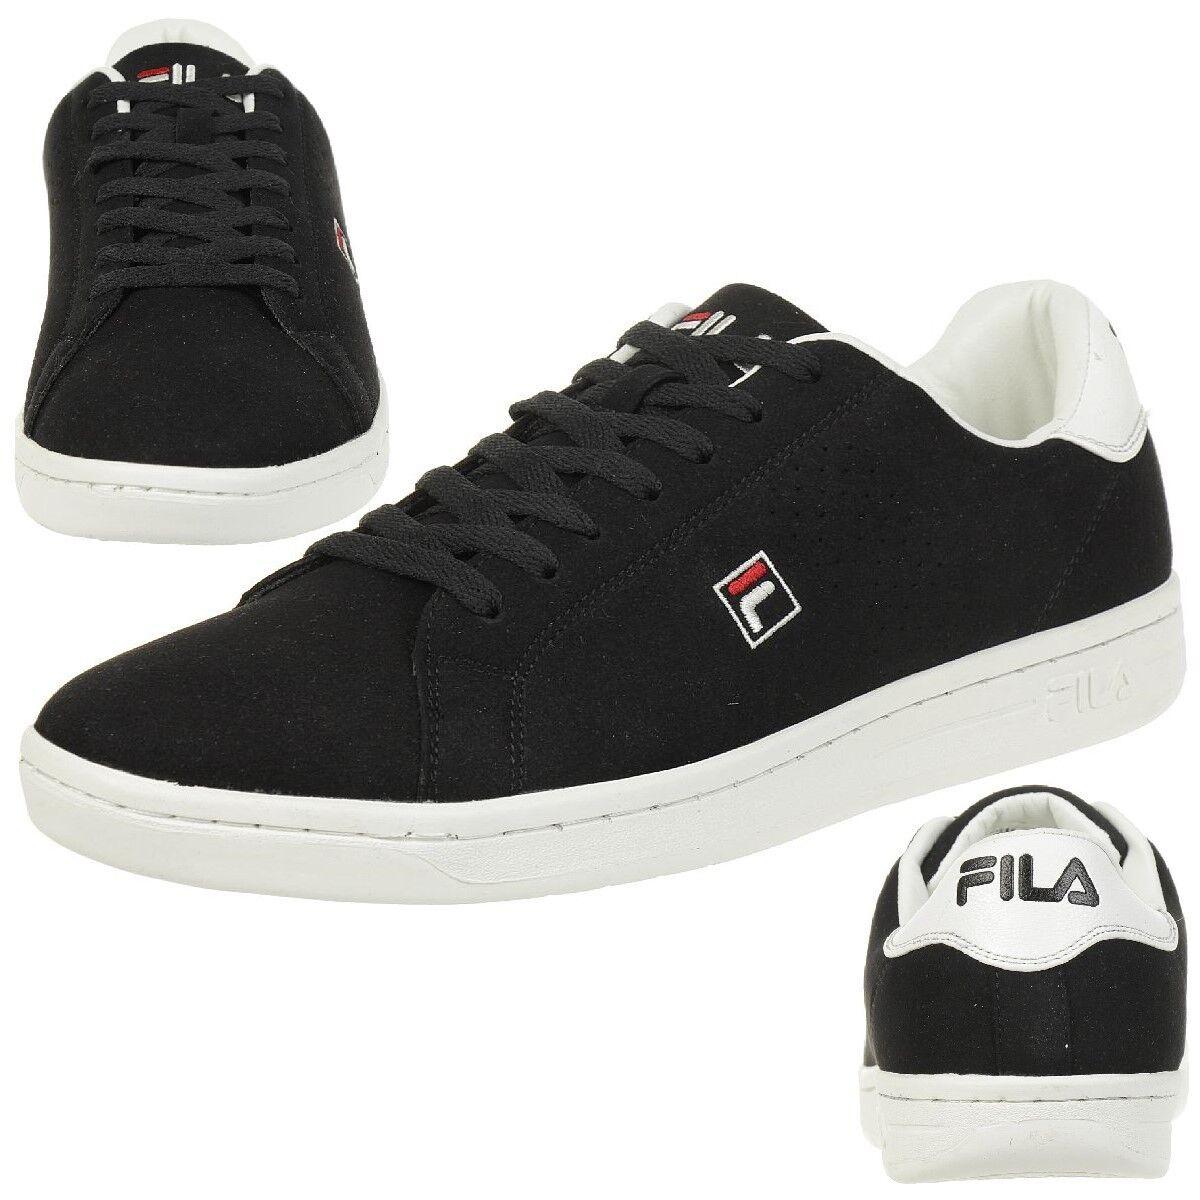 Fila crosscourt 2 LOW Zapatillas Negro Zapatos Hombre